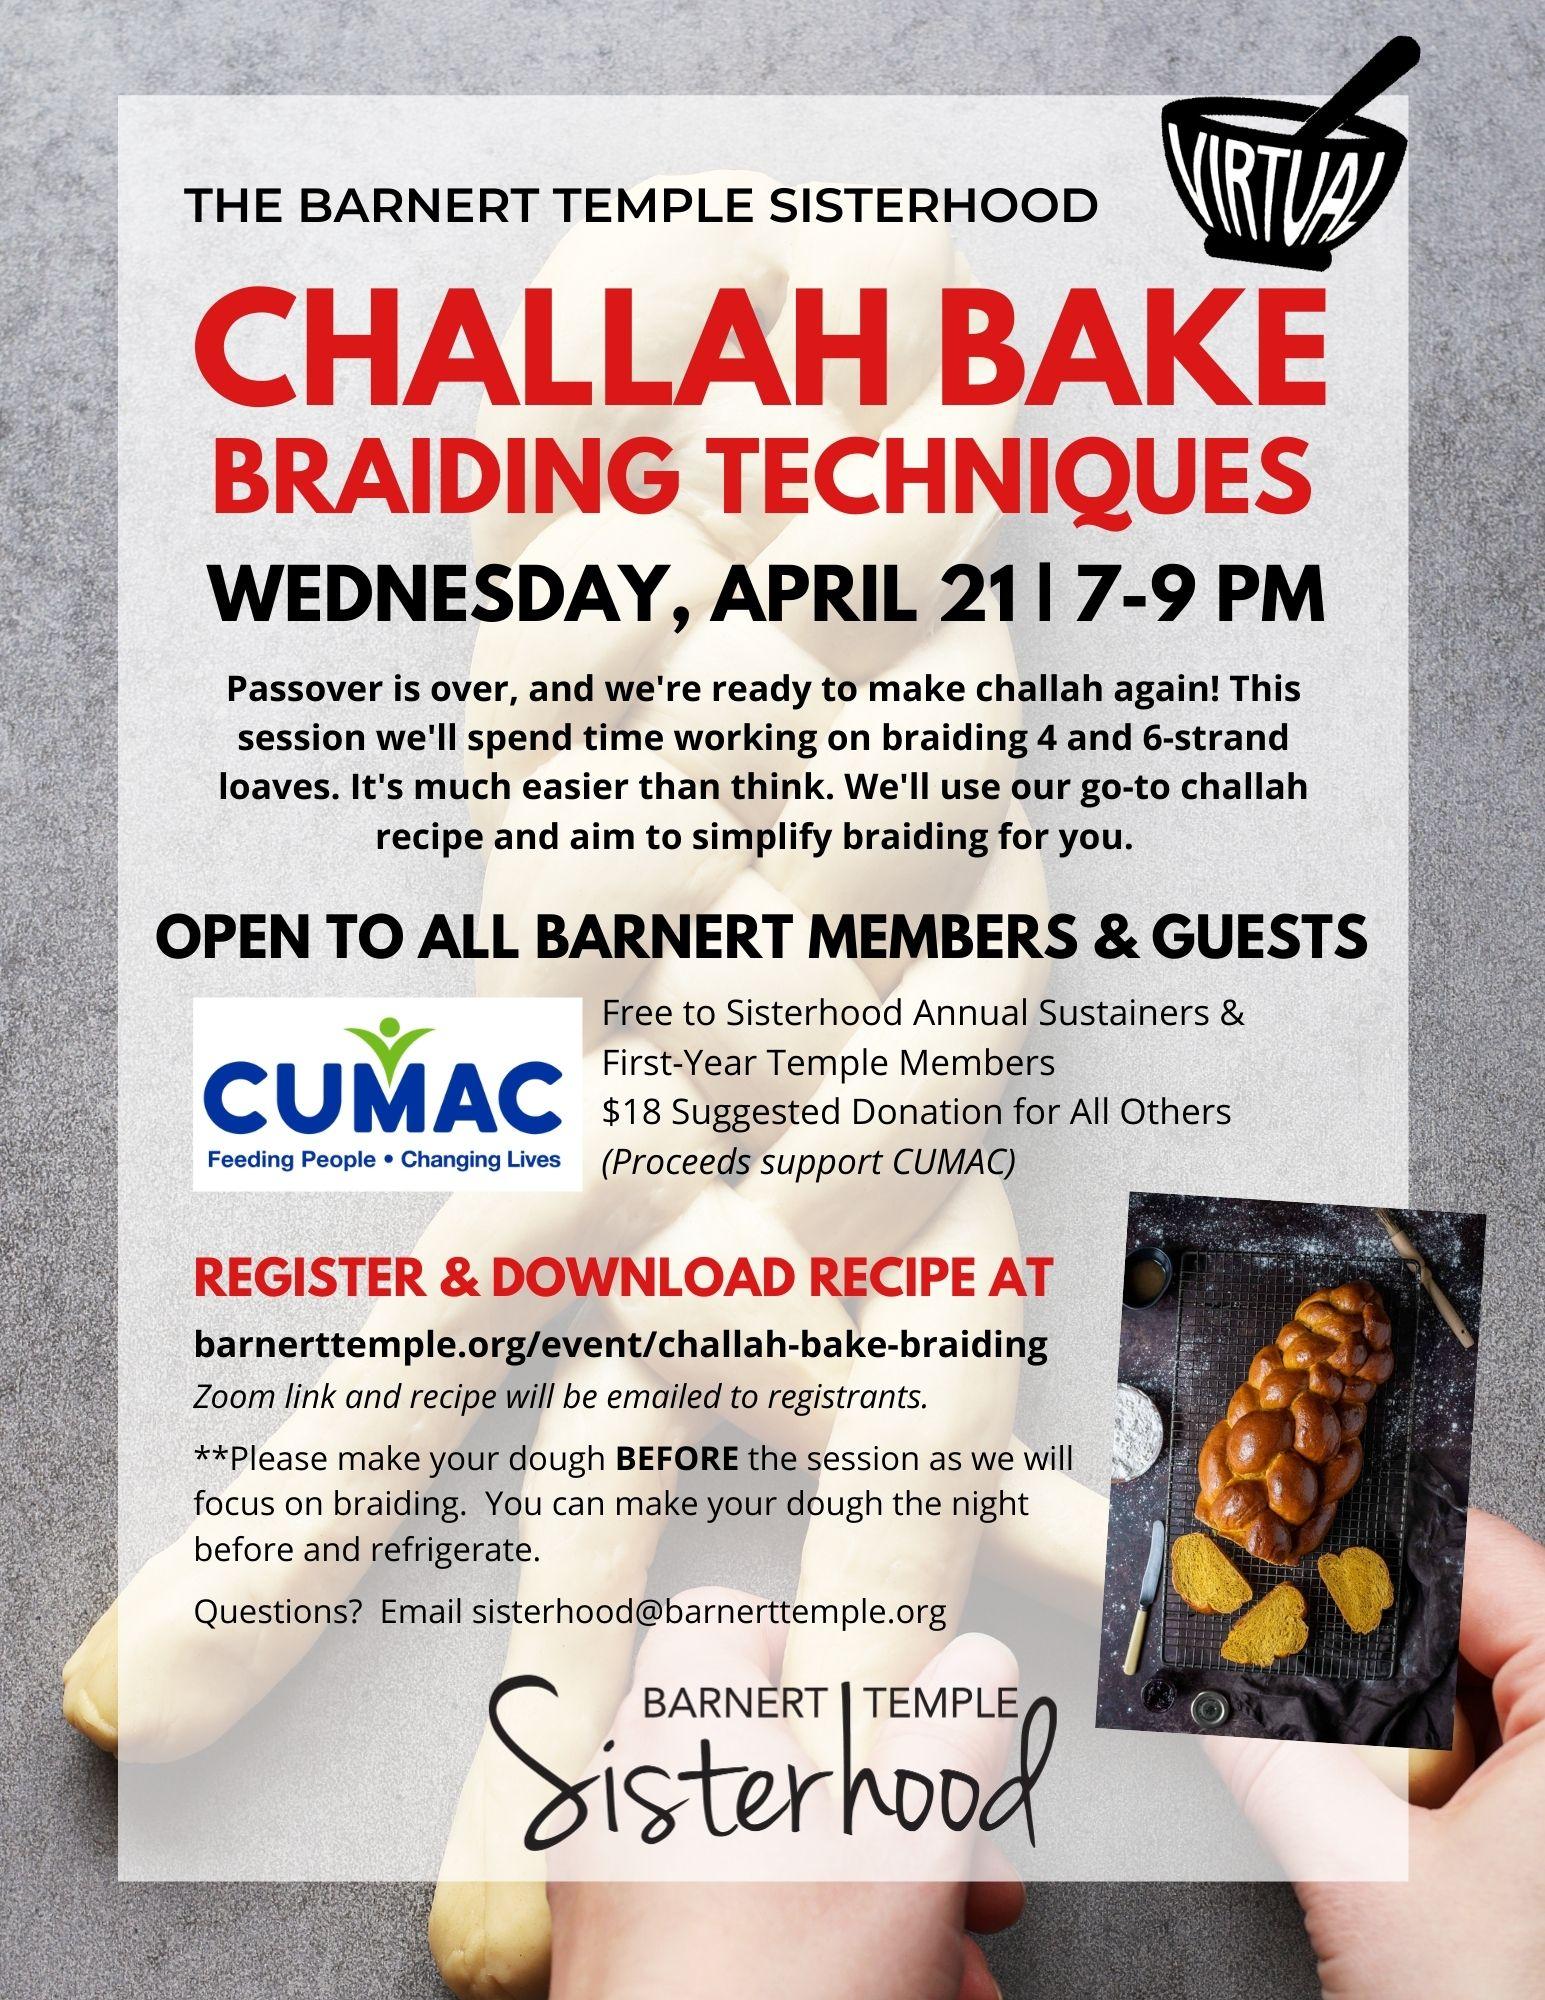 Challah Bake Braiding Techniques